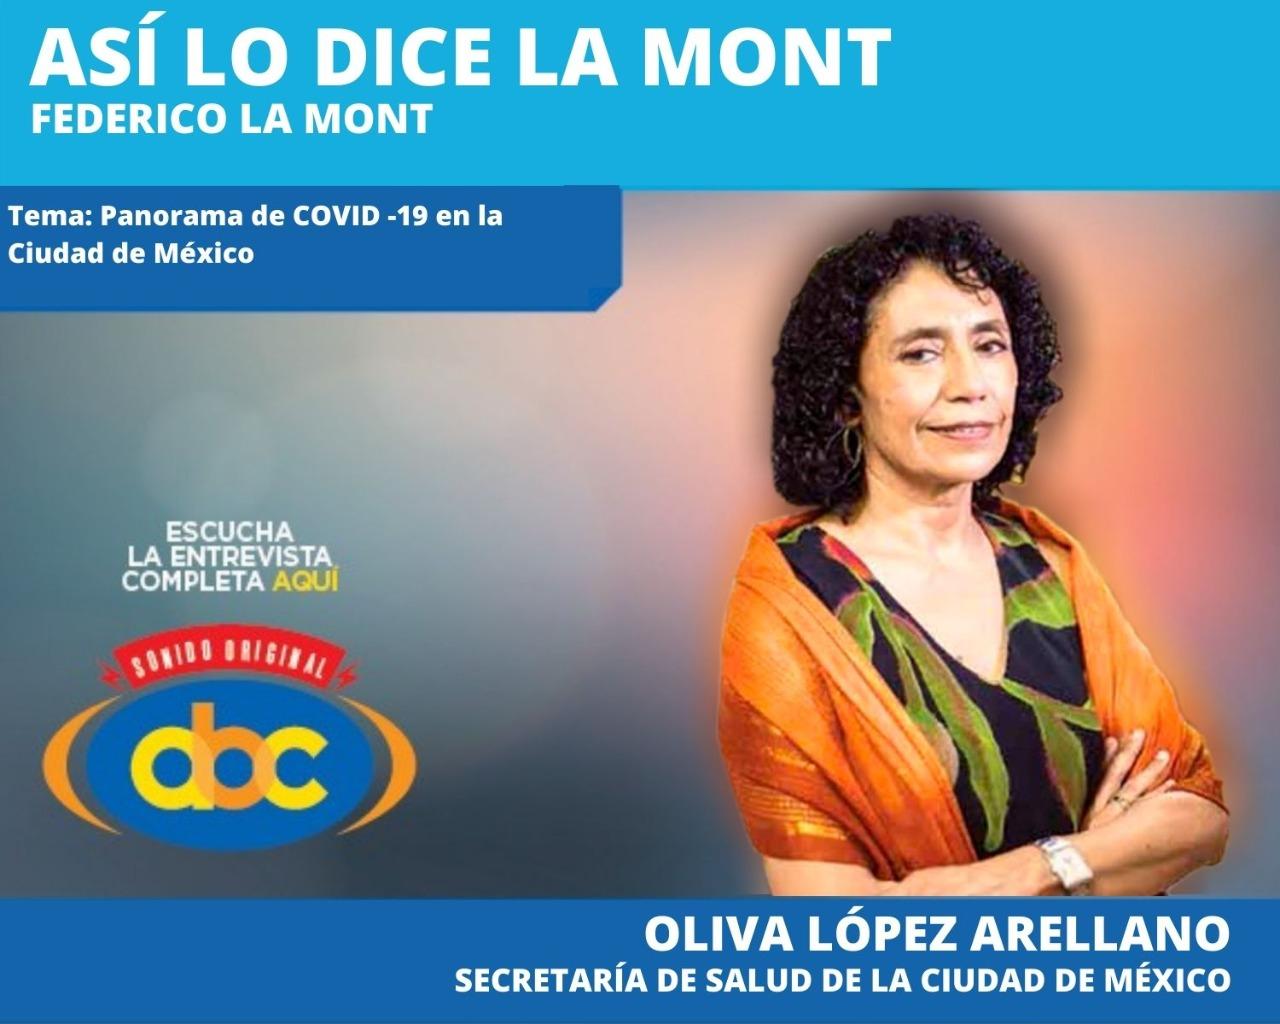 Ya que se canaliza a los pacientes graves a hospitales que tiene camas disponibles: Doctora Oliva López Arrellano